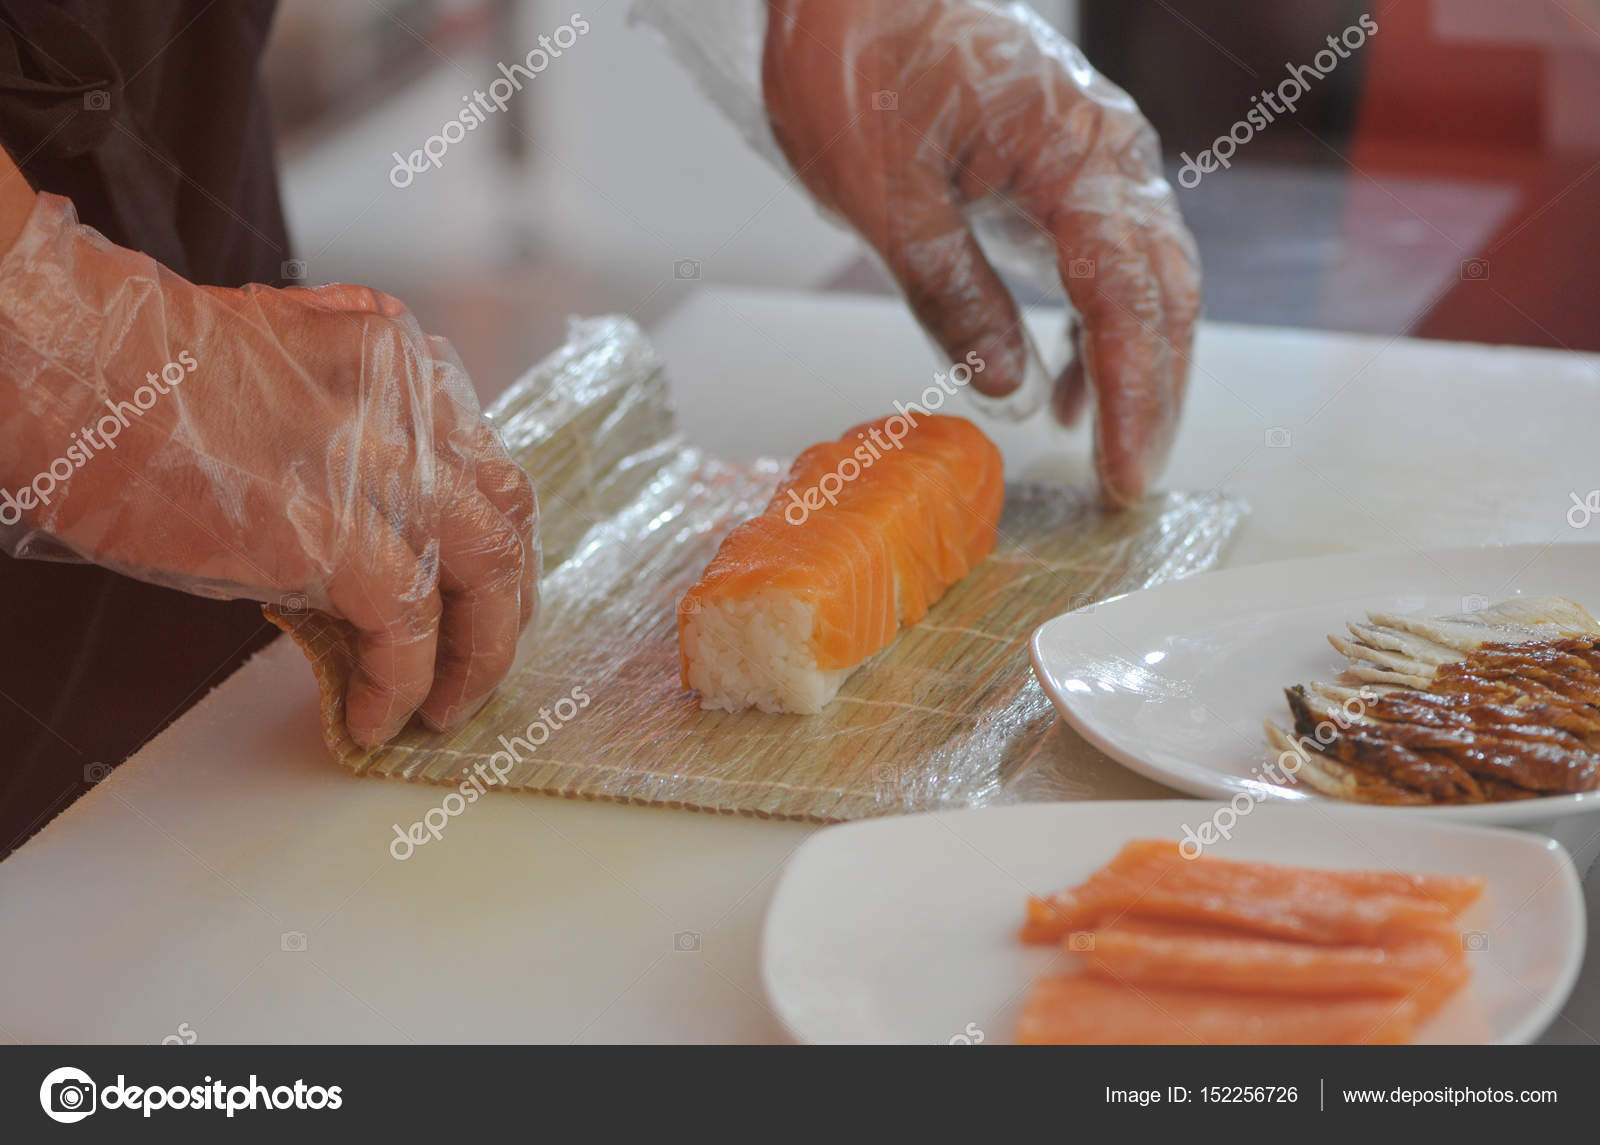 Die Küche von Fast-Food-restaurant — Stockfoto © WarlokA #152256726